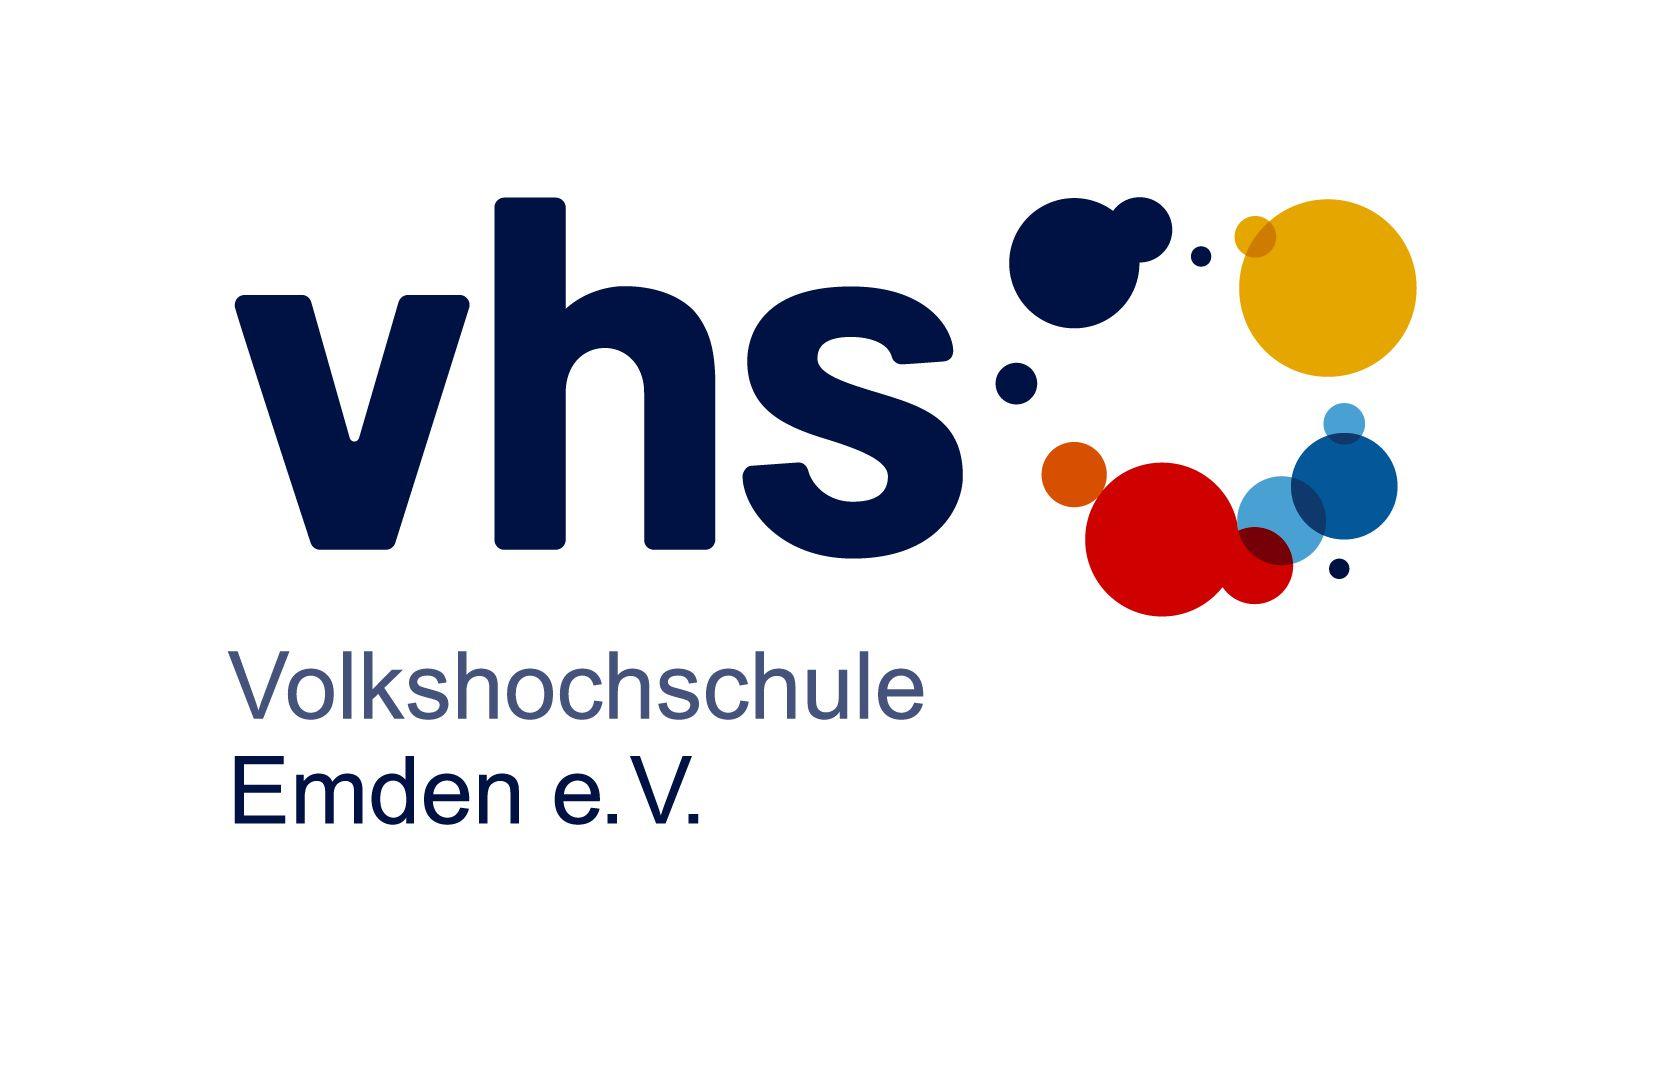 Volkshochschule Emden